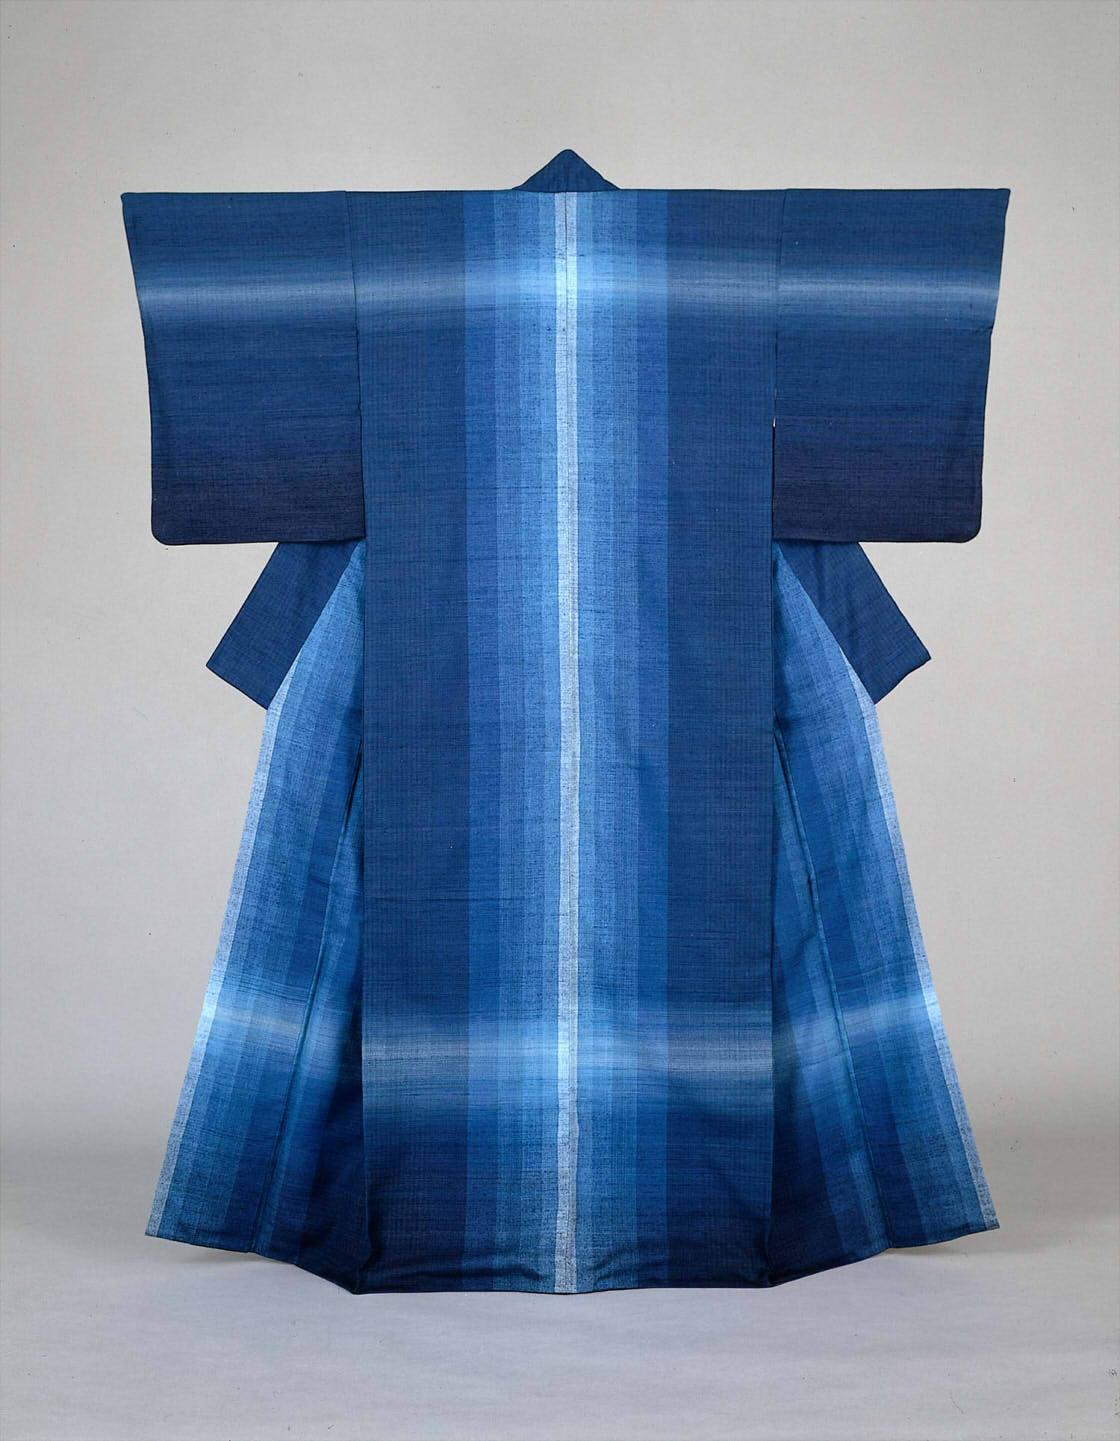 志村ふくみ《紬織着物 水瑠璃》1976年 東京国⽴近代美術館蔵